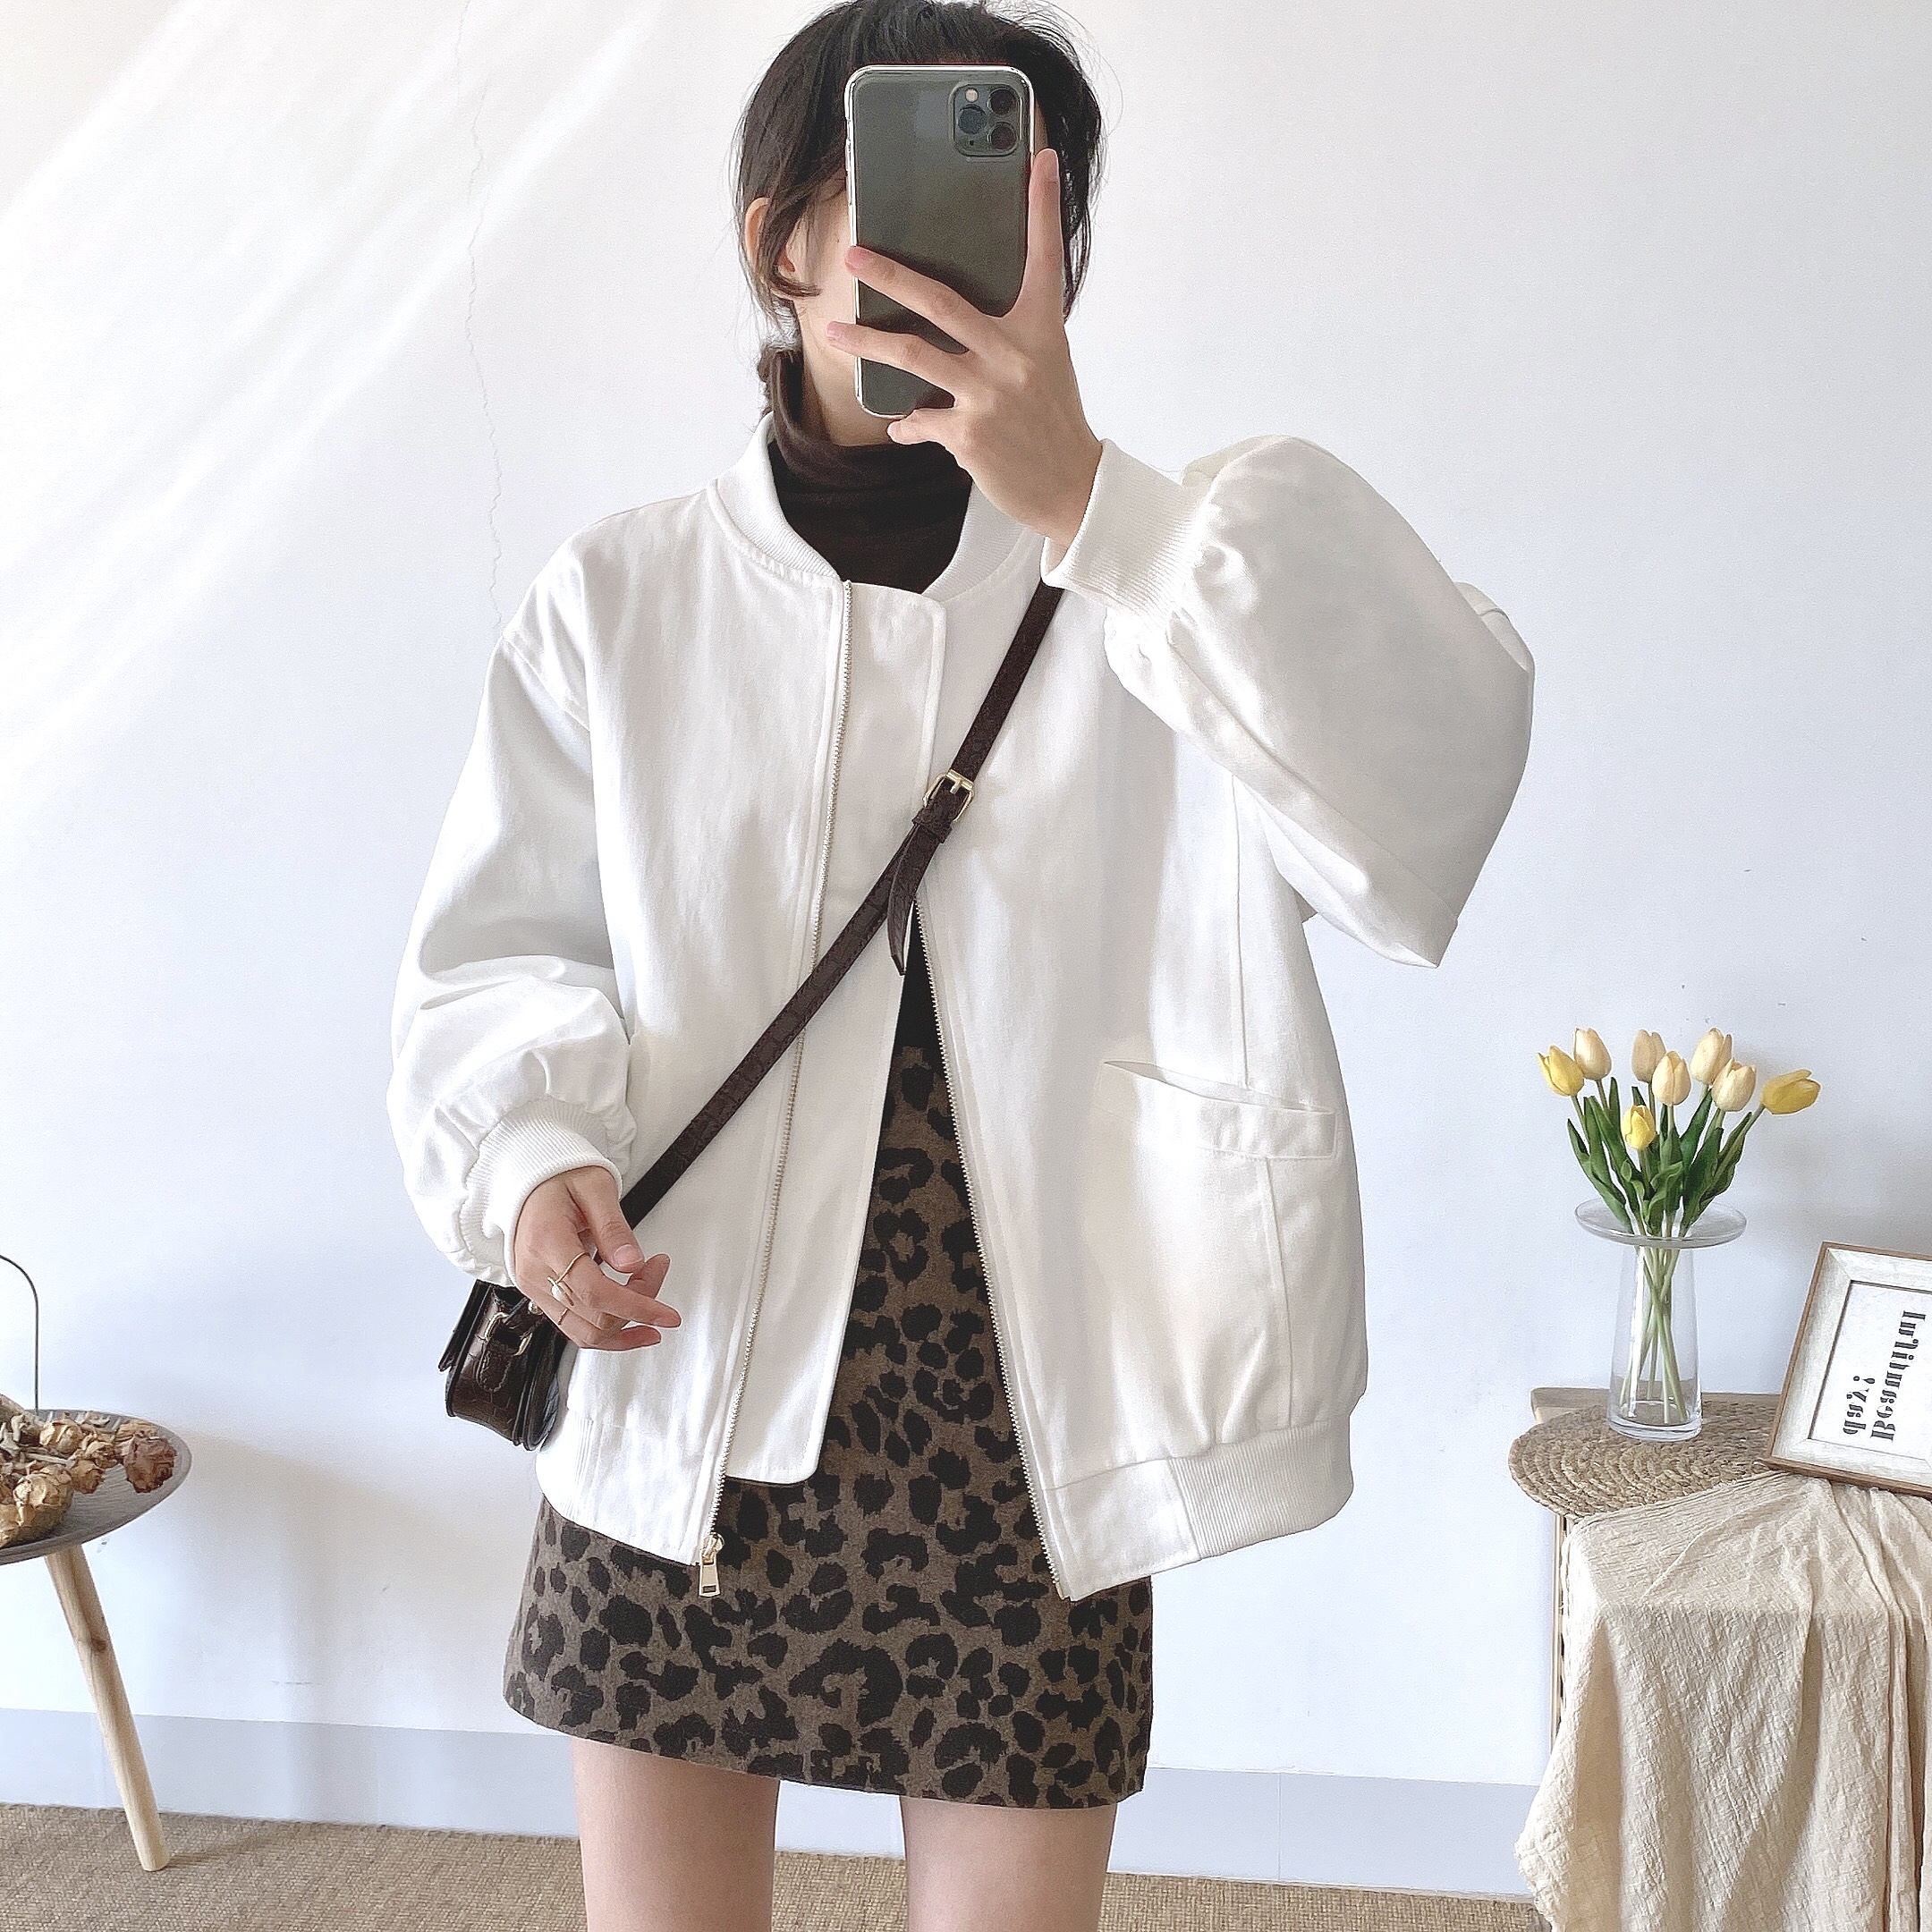 實拍實價 個性外套女ins潮秋冬蓬松保暖冬季棒球服女韓版bf